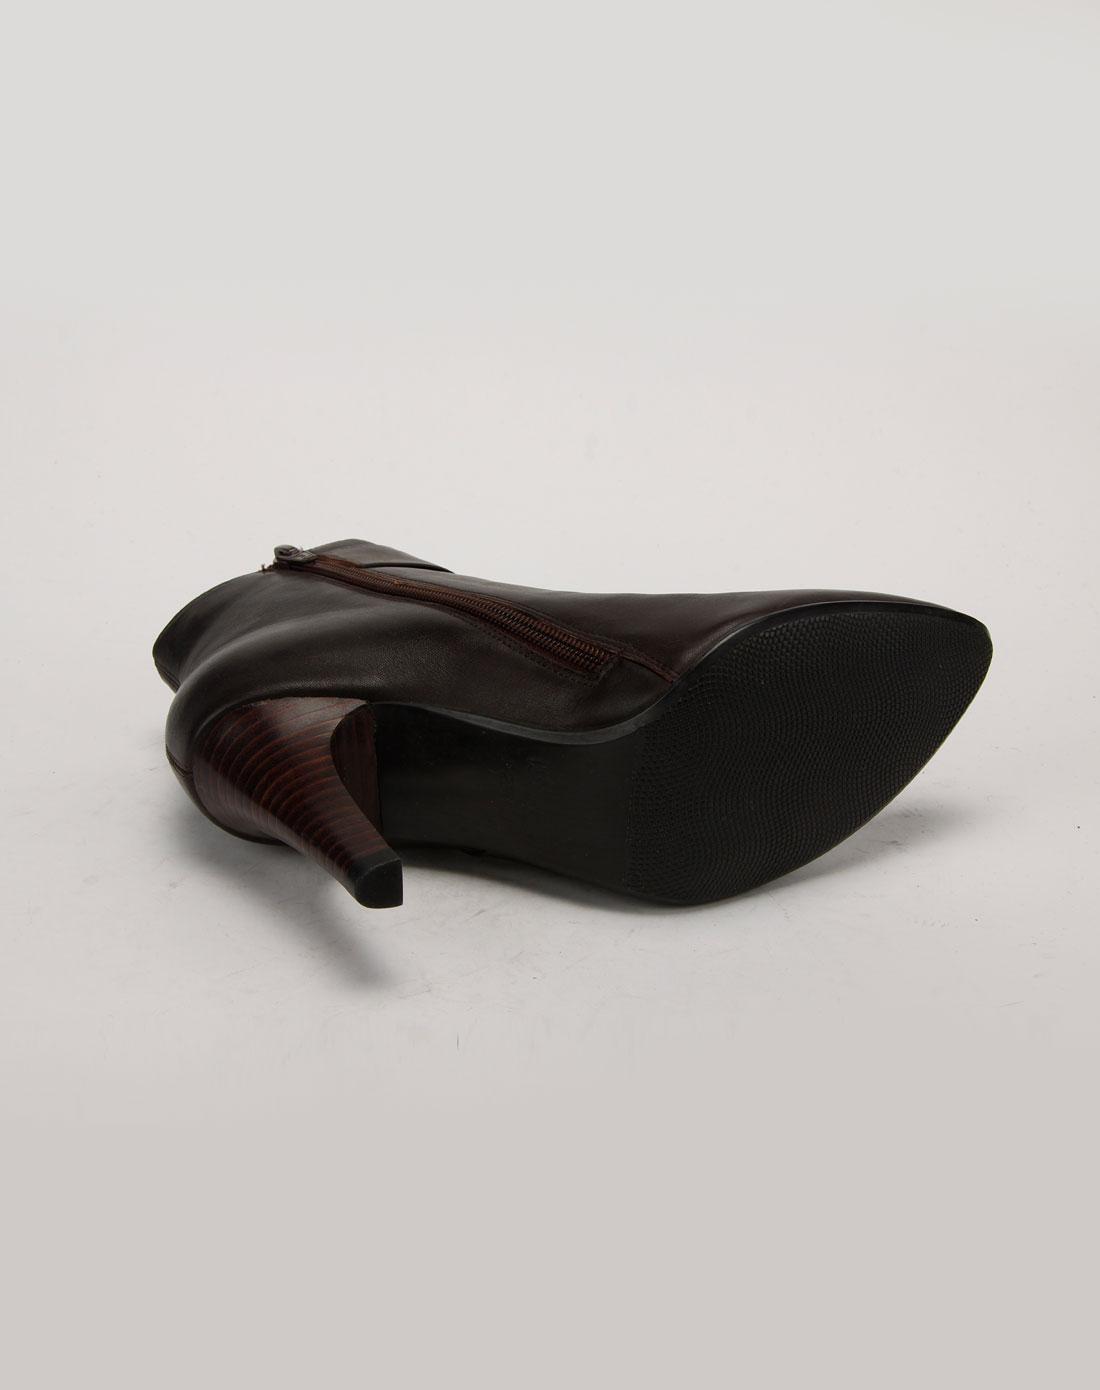 穿帆布鞋美女脚90后女生帆布鞋853图片